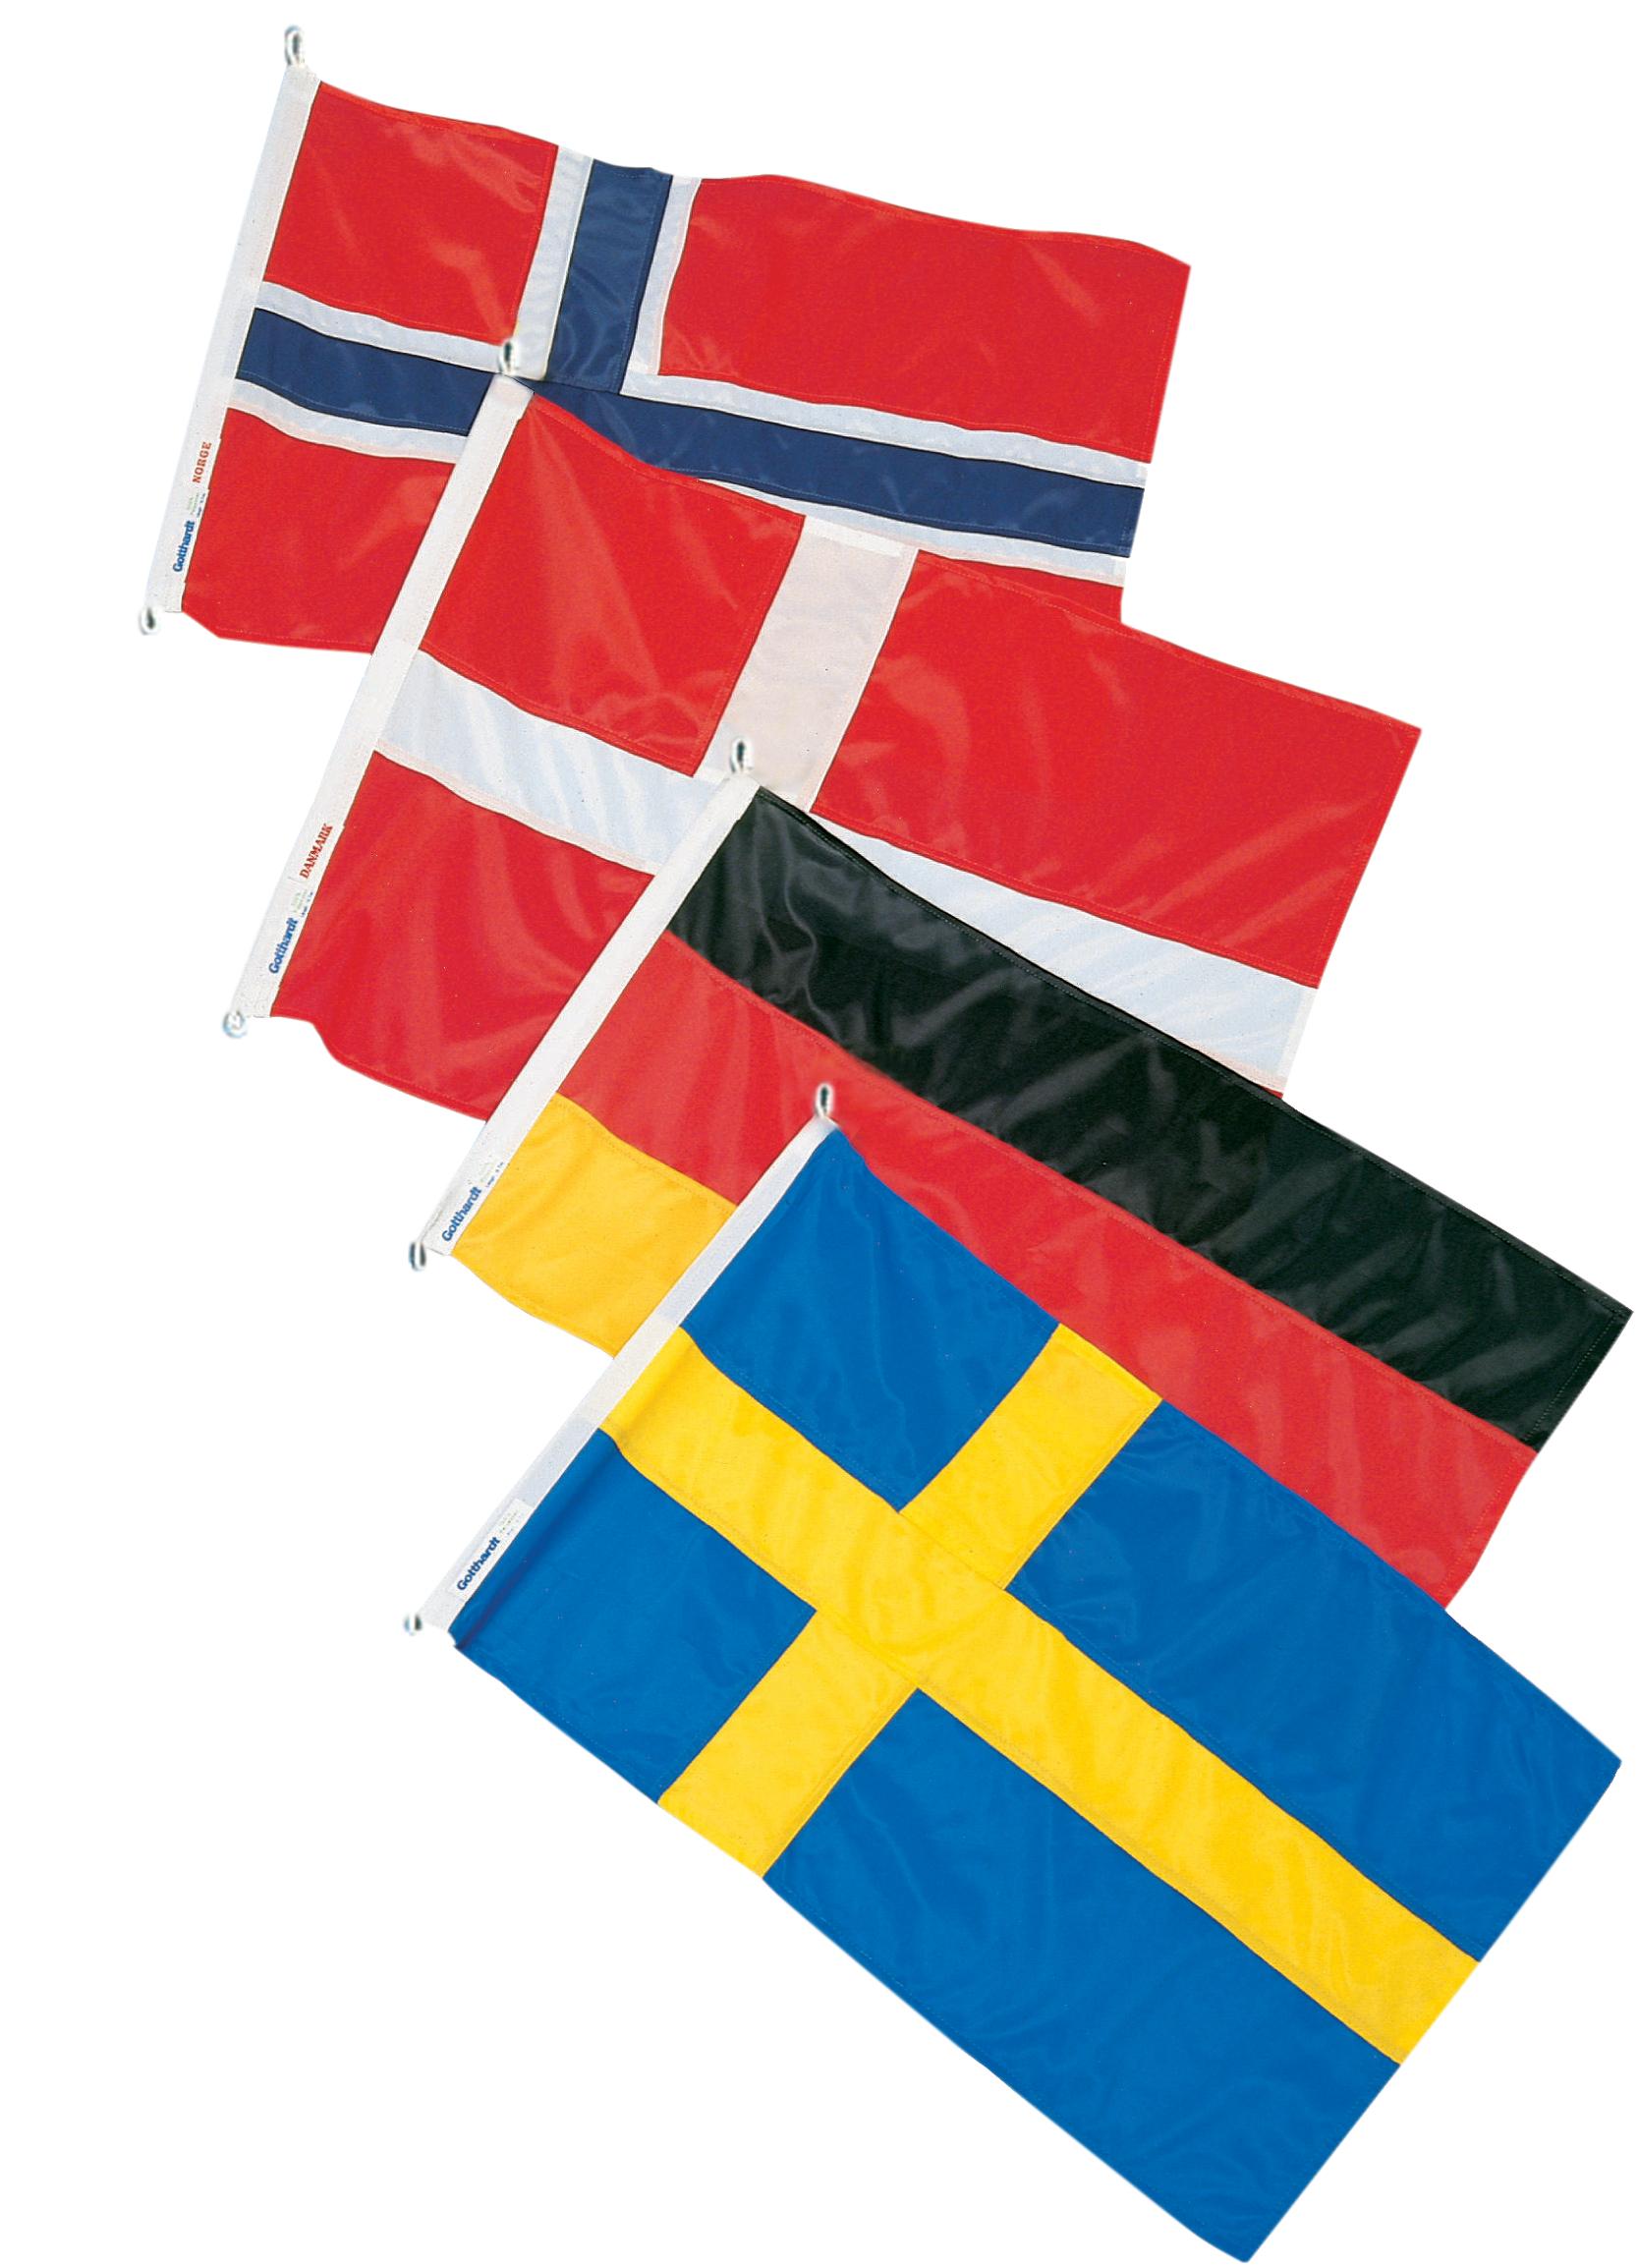 Gästflaggor skagerak 4st/frp